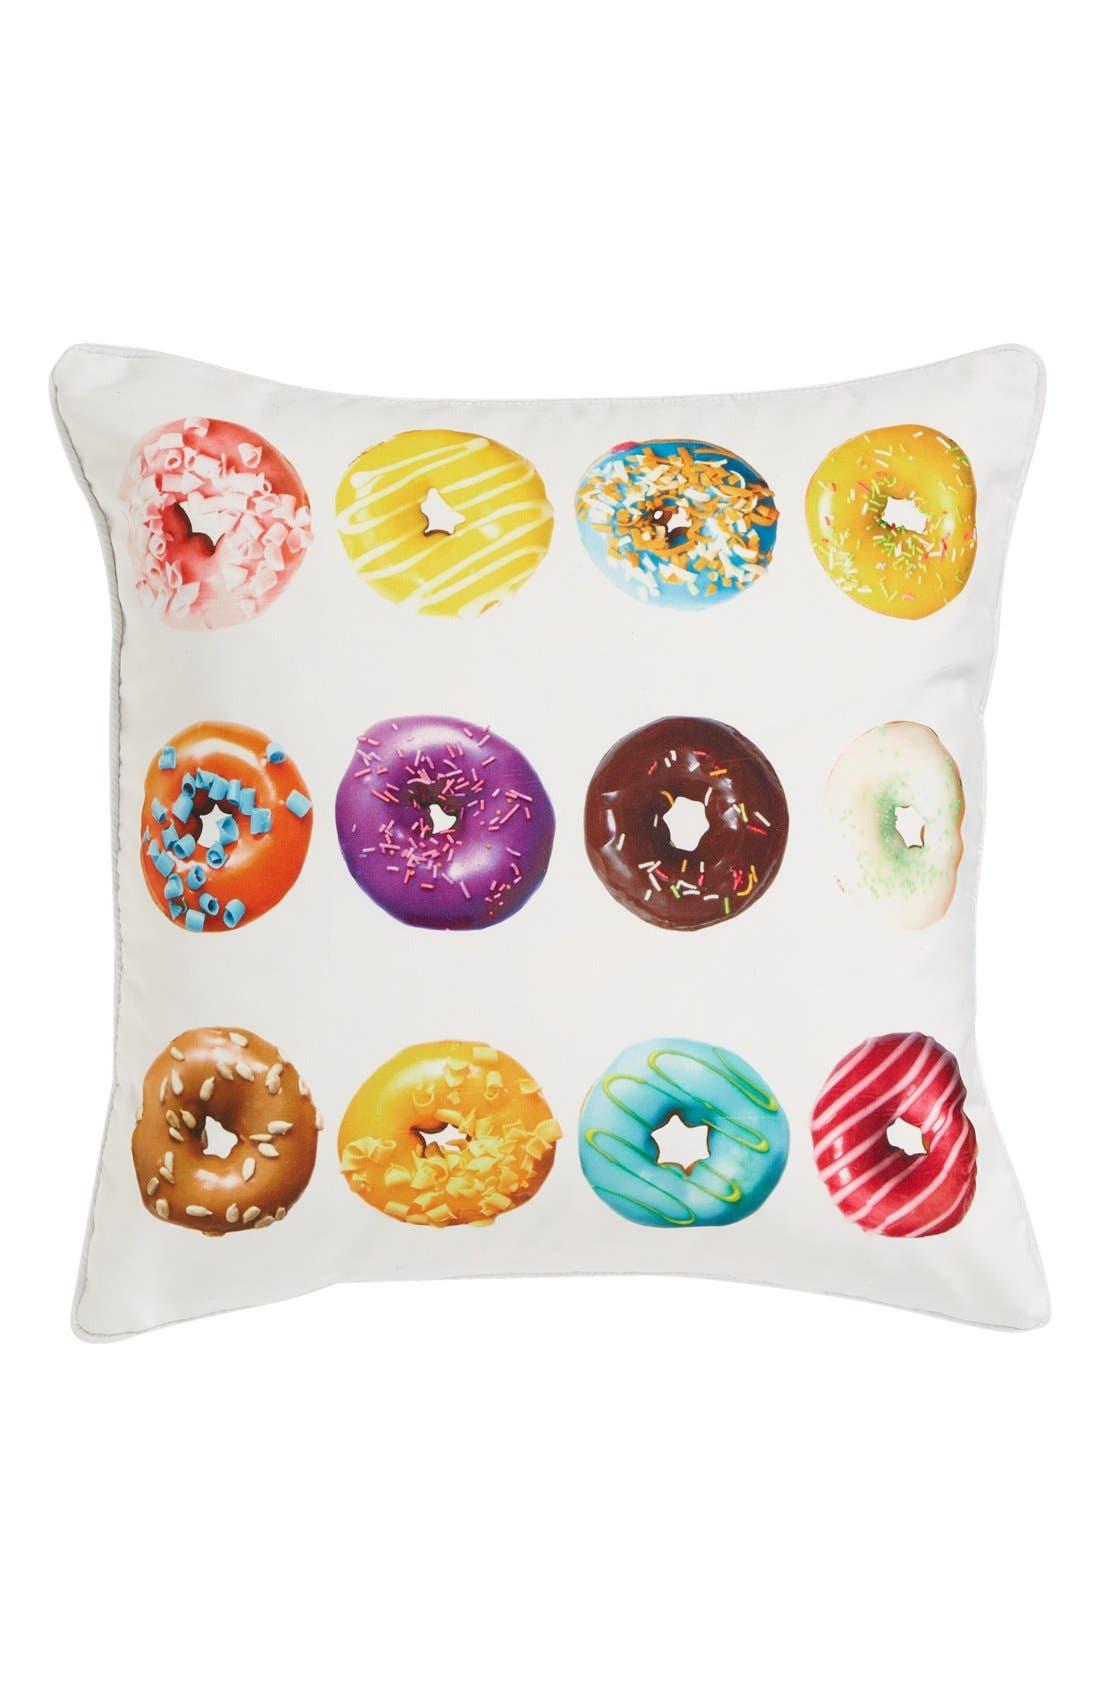 LEVTEX 'Donut' Accent Pillow